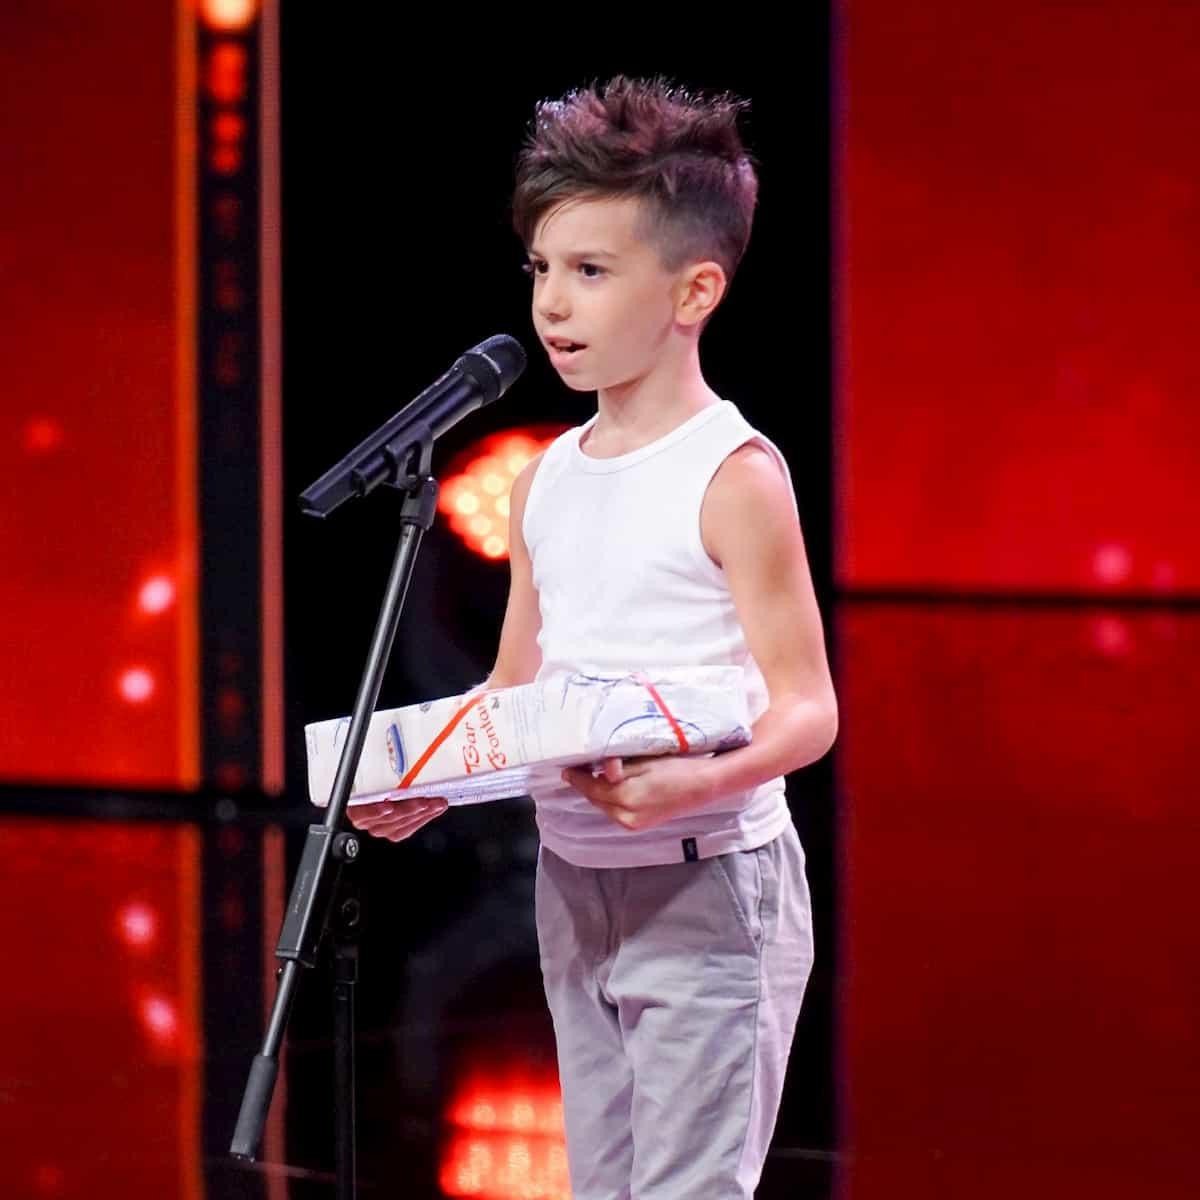 Mirko Casella beim Supertalent am 2.11.2019